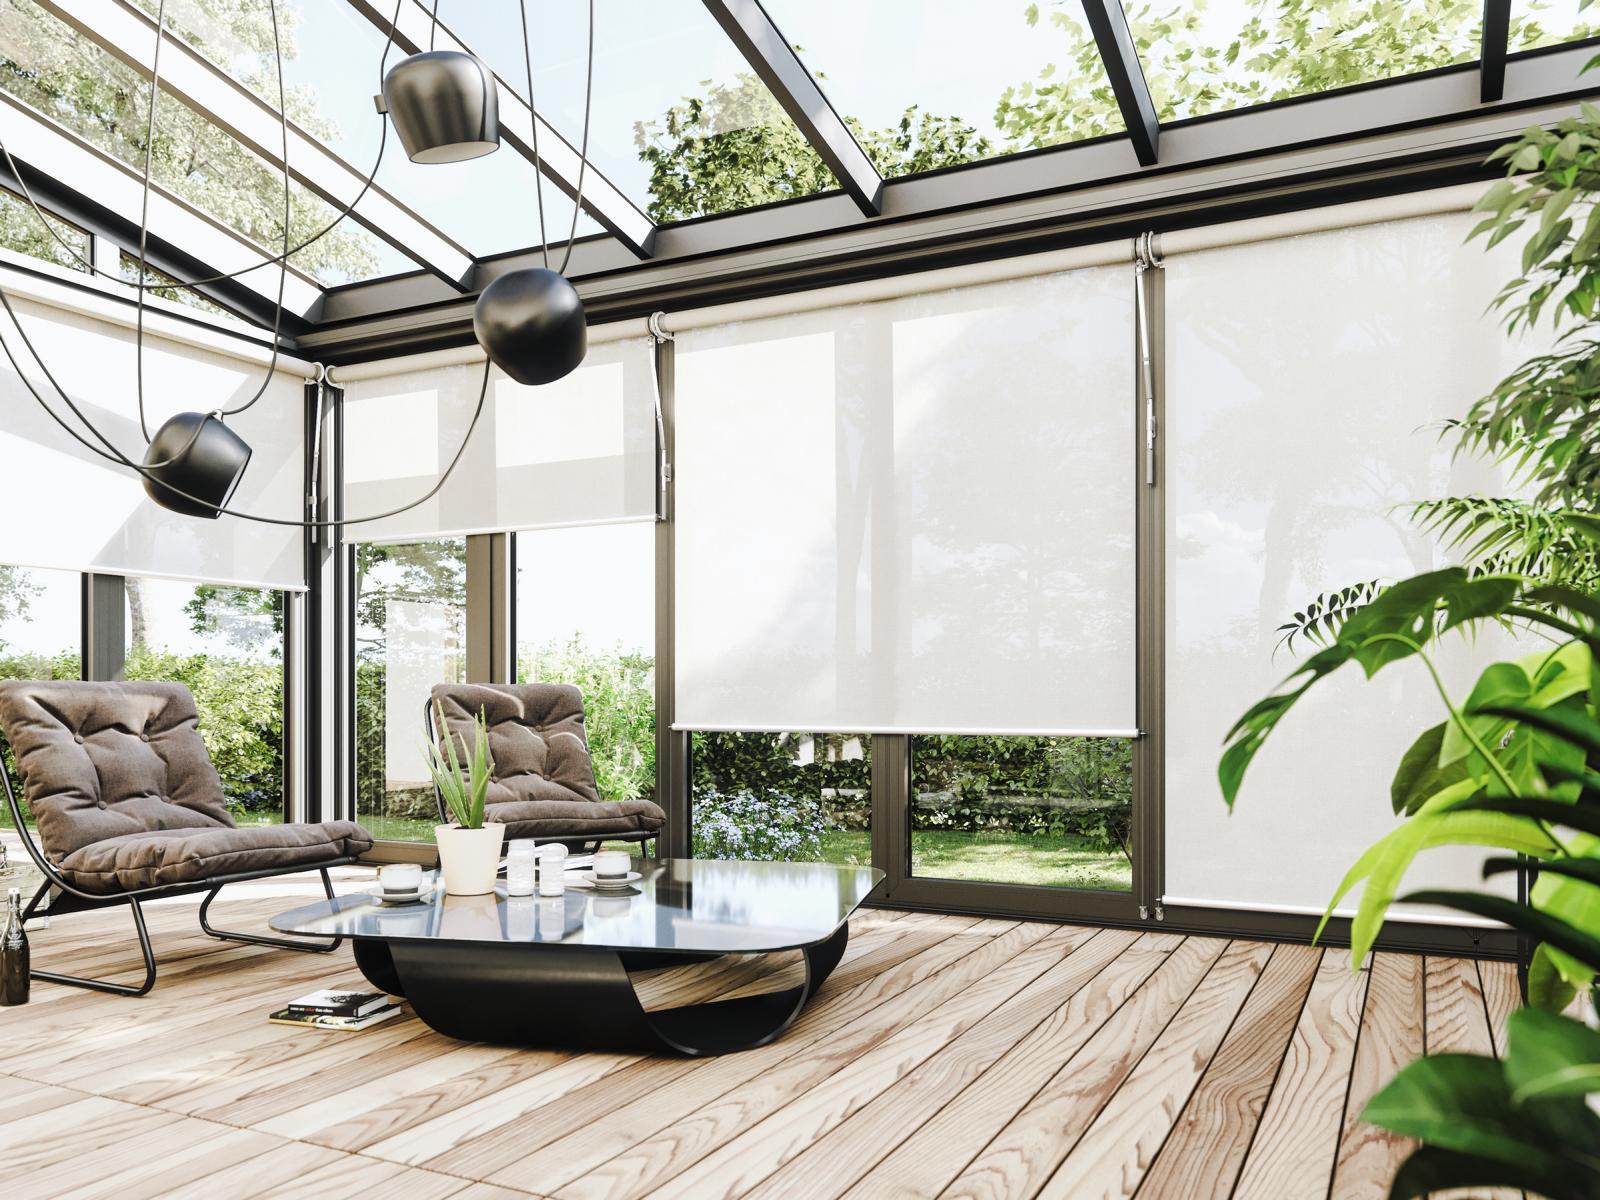 Látkové rolety se dělají na míru, třeba i pro zimní zahradu ve skandinávském stylu.